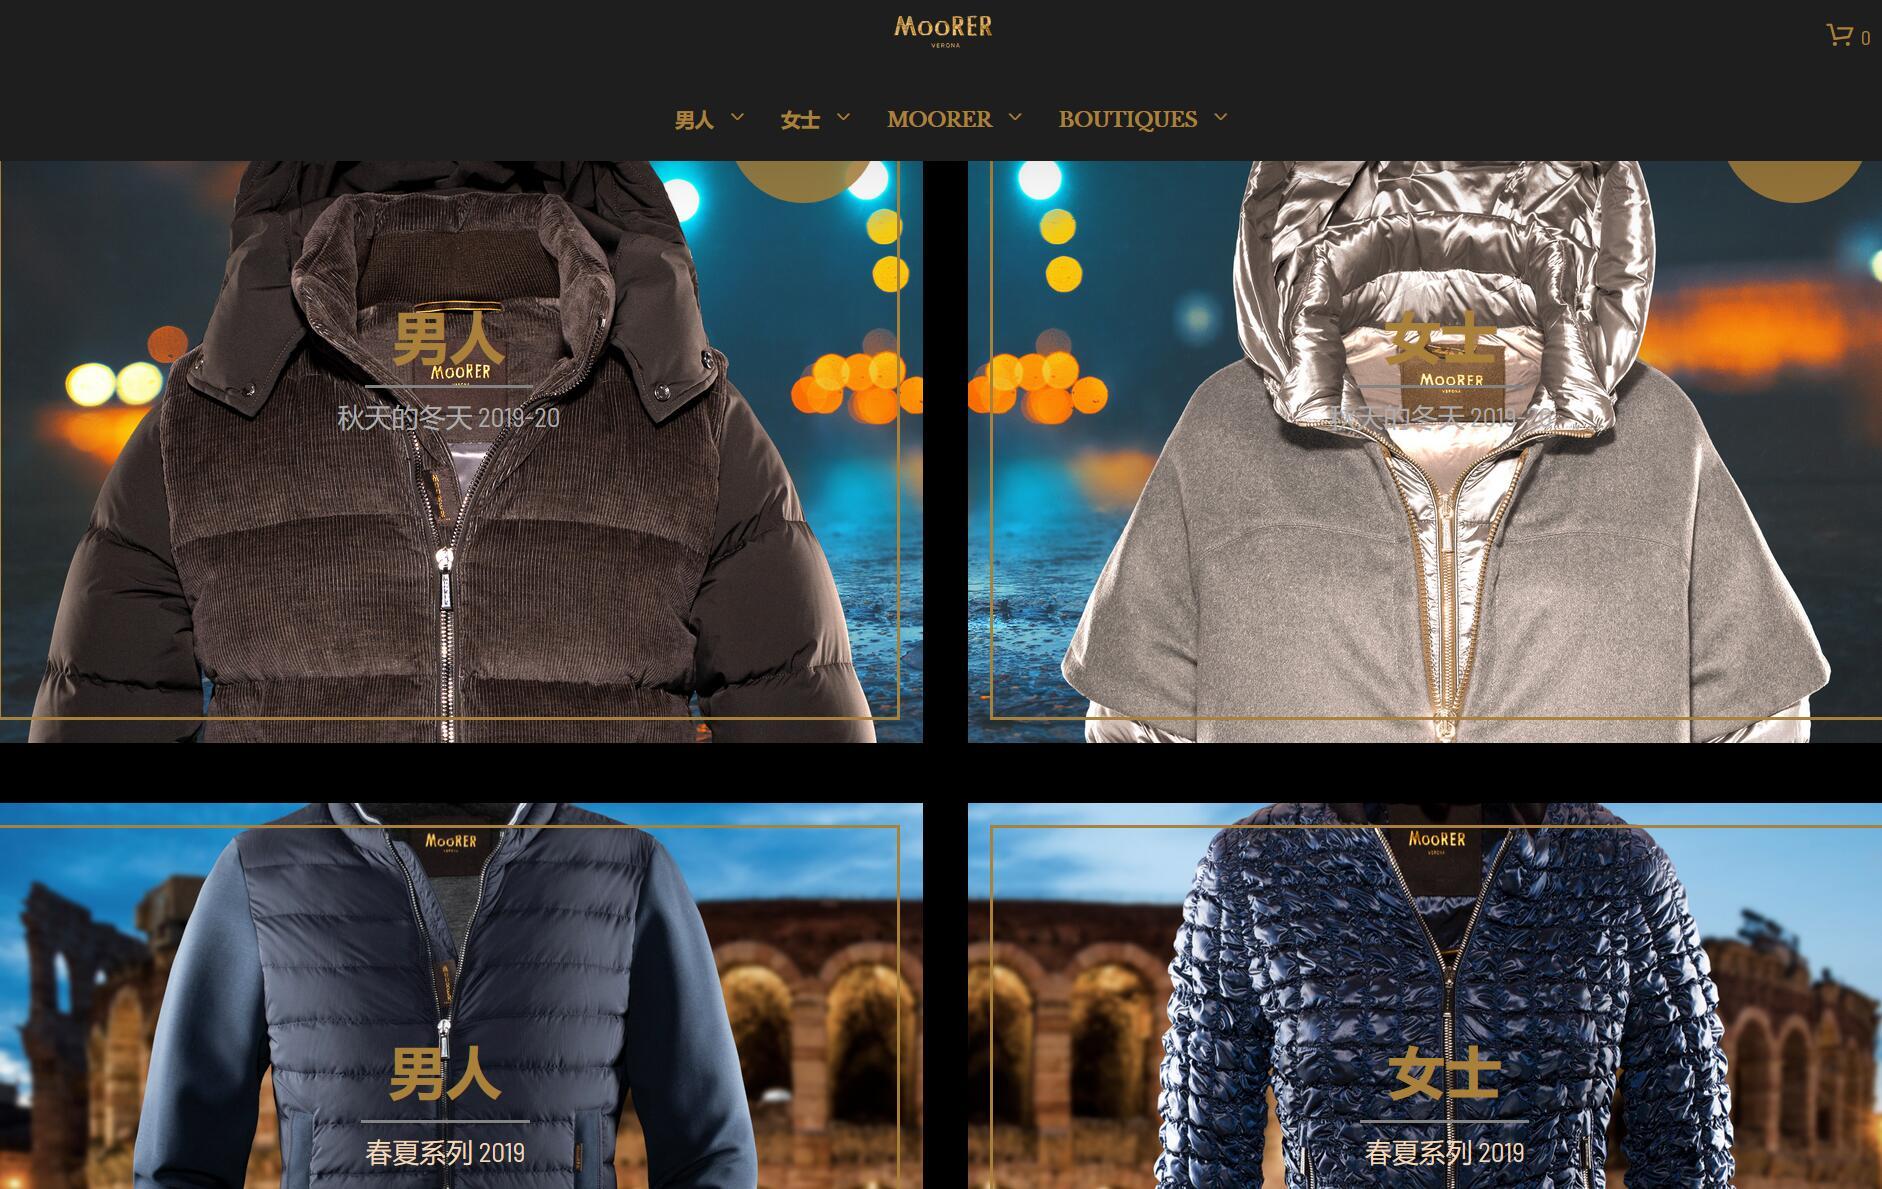 意大利奢侈外套品牌 MooRER 获英国私募基金Borletti 投资